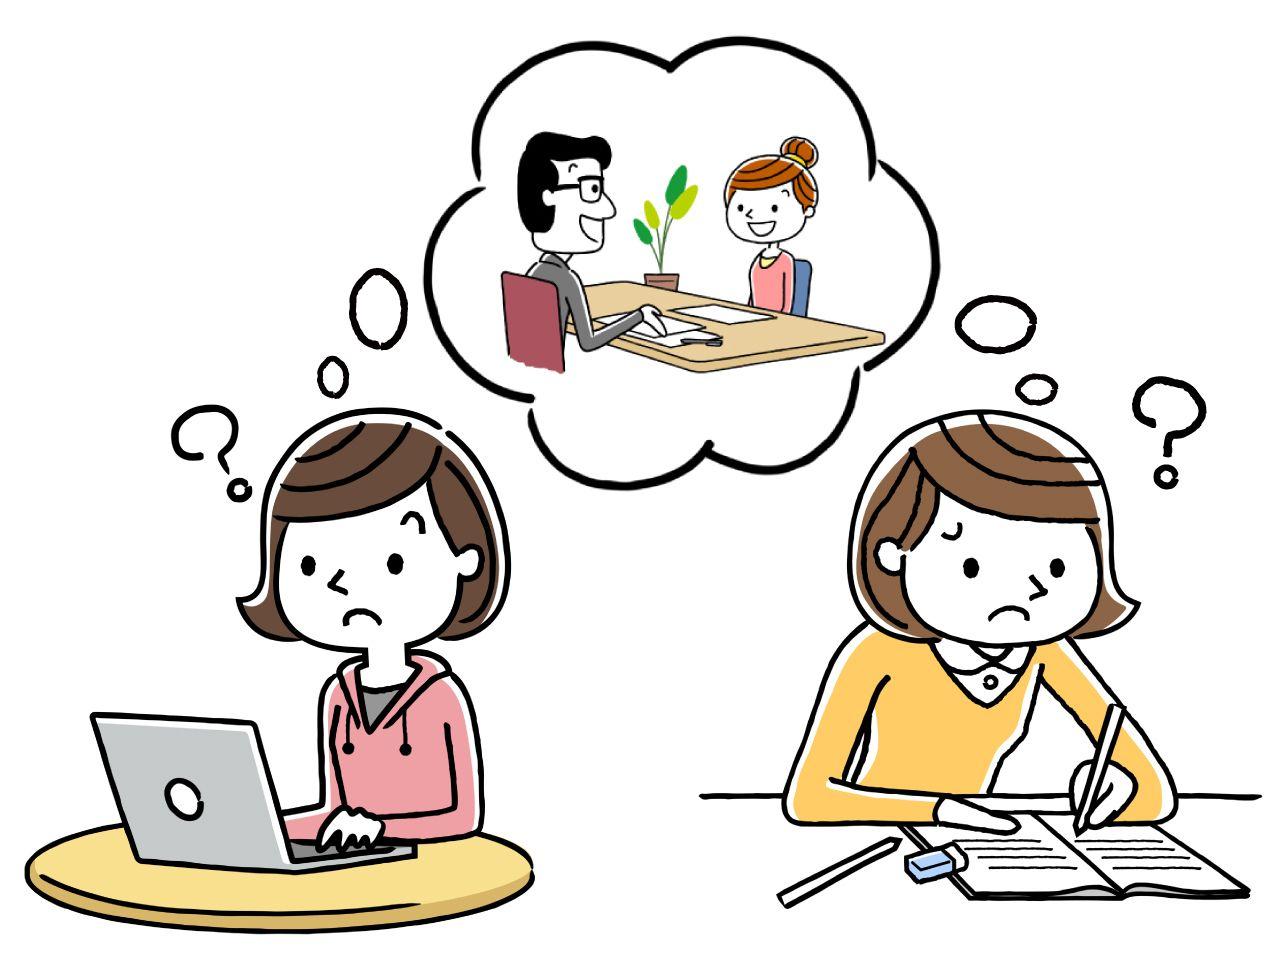 履歴書の書き方についてのイメージイラスト